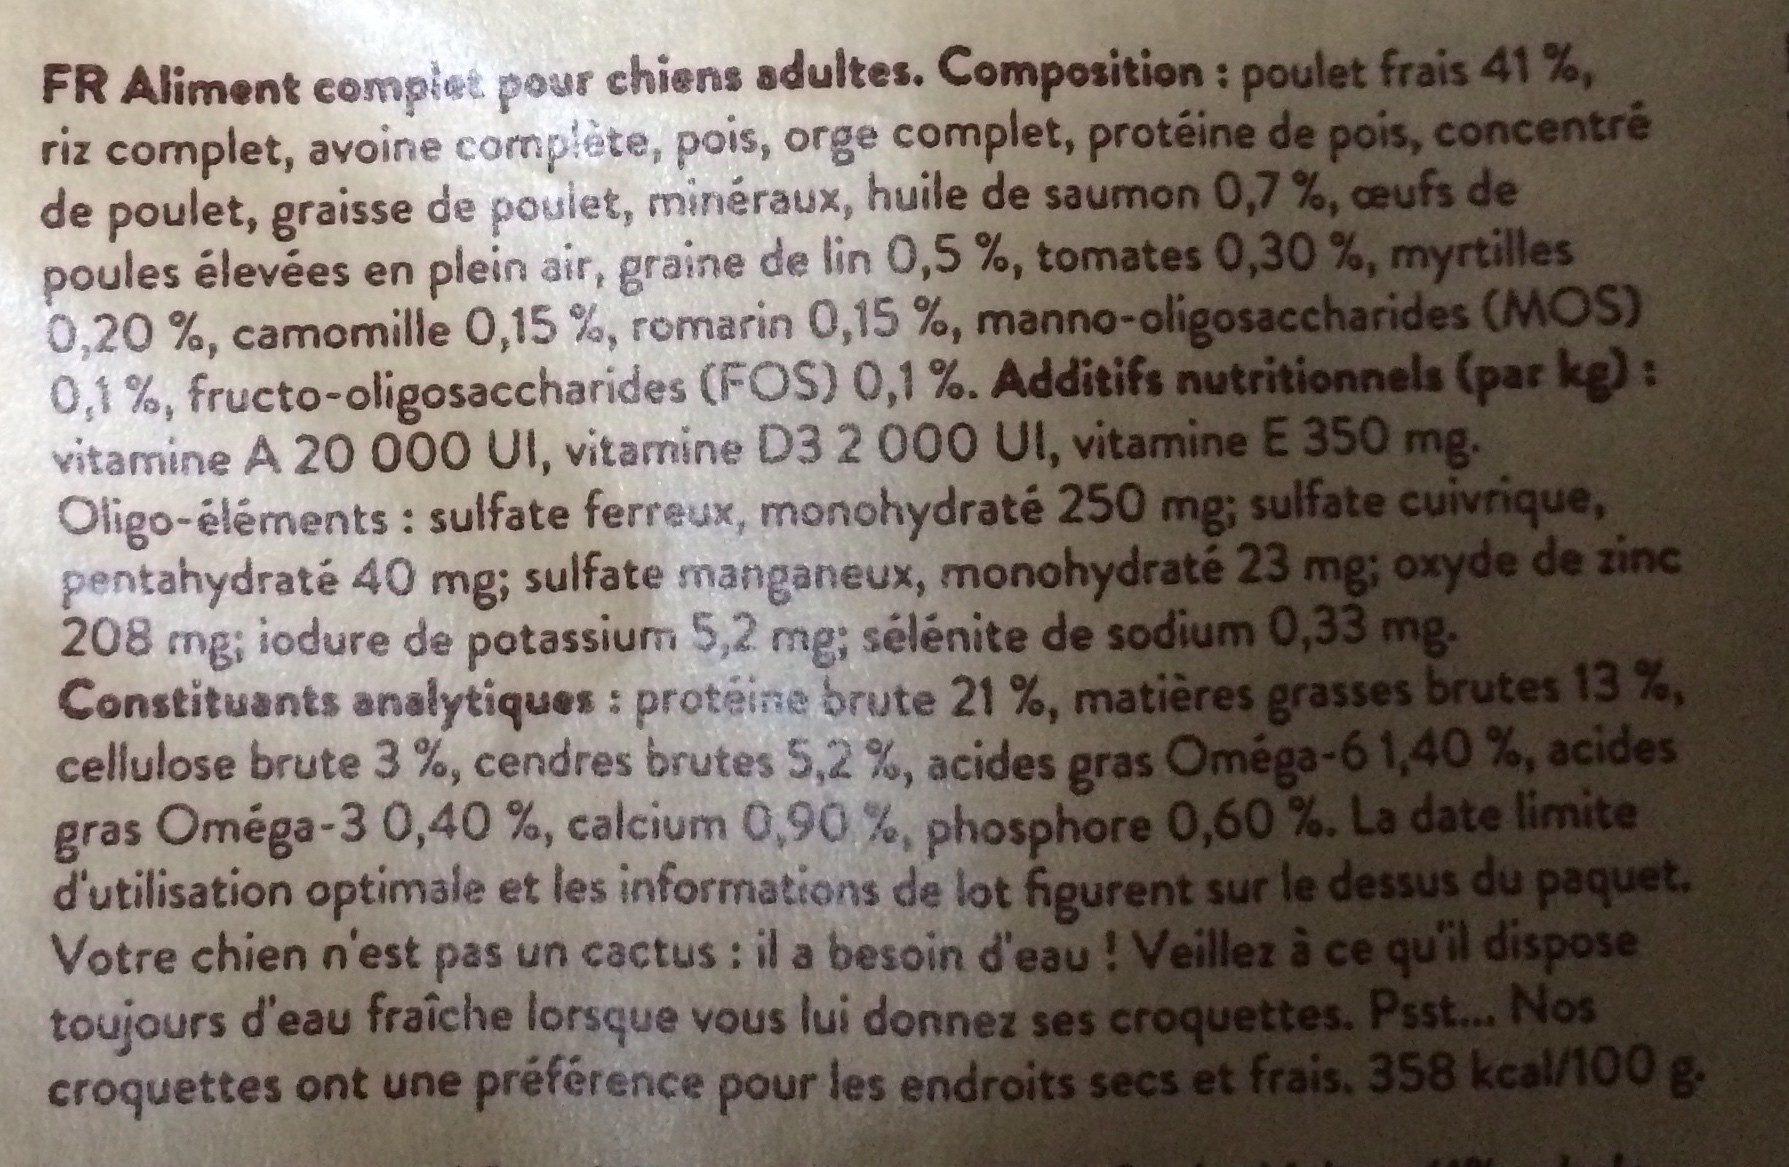 Edgard & Cooper - Croquettes Au Poulet Pour Chien - 700G - Ingredients - fr